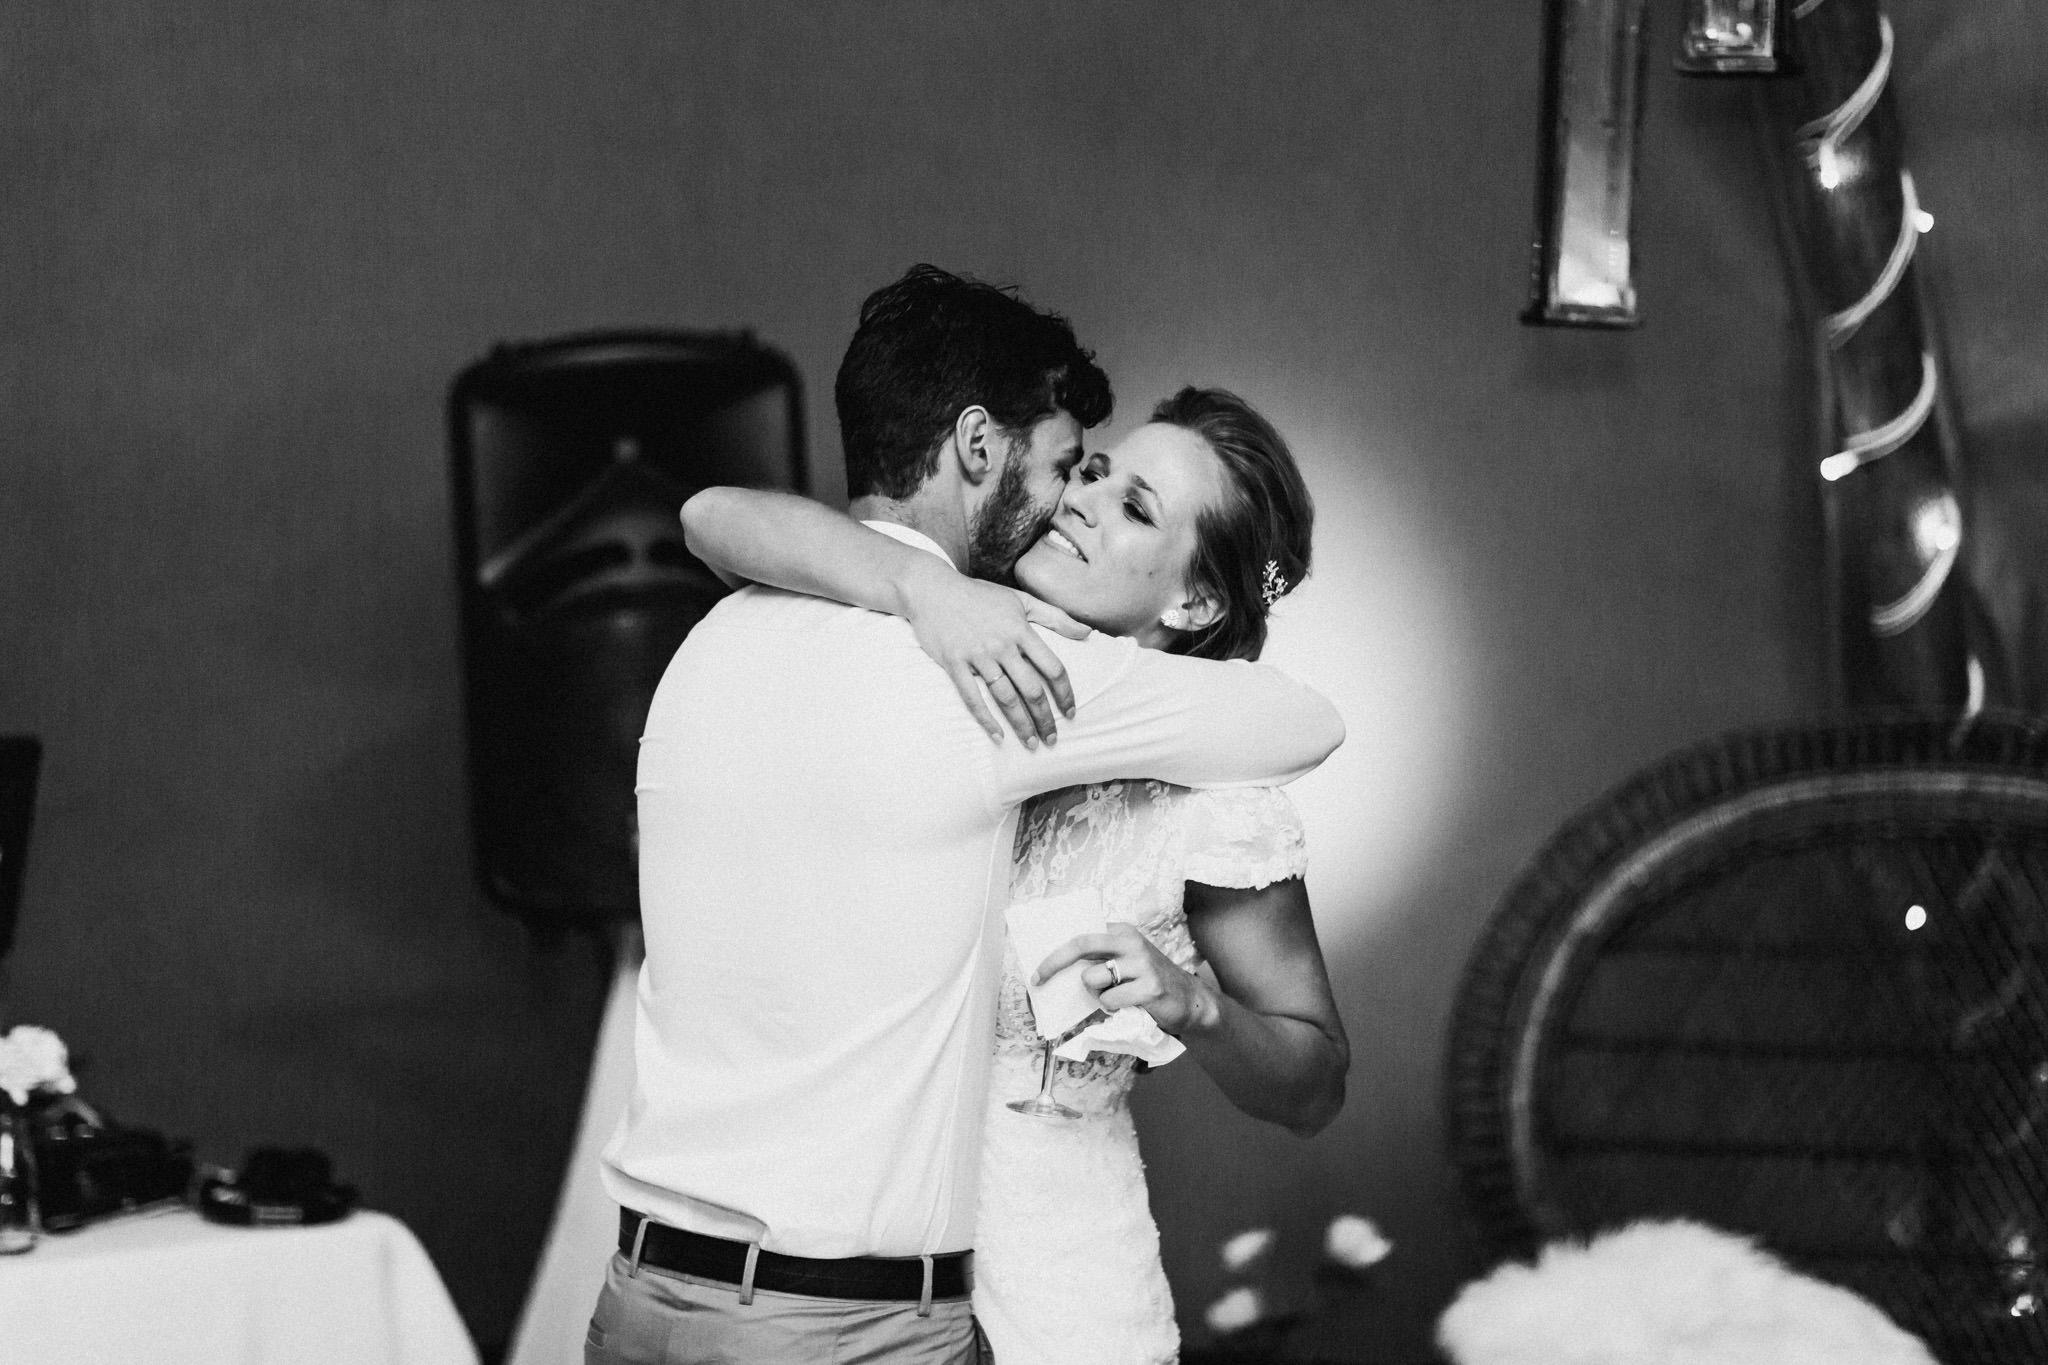 WeddingPhotos_Facebook_2048pixels-1852.jpg